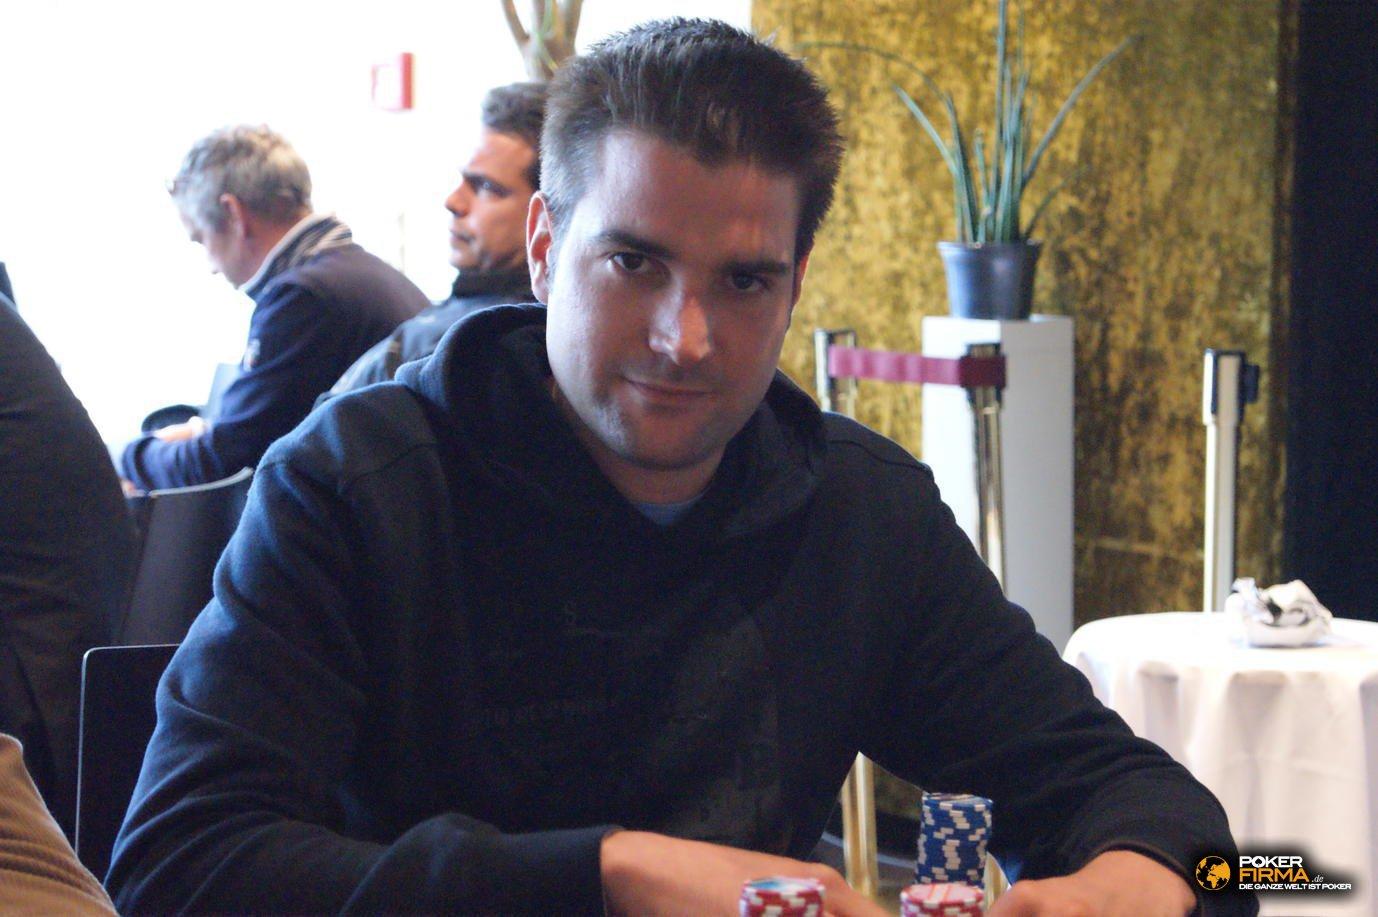 CAPT_Innsbruck_2000_NLH_150511_Davide_Slanzi